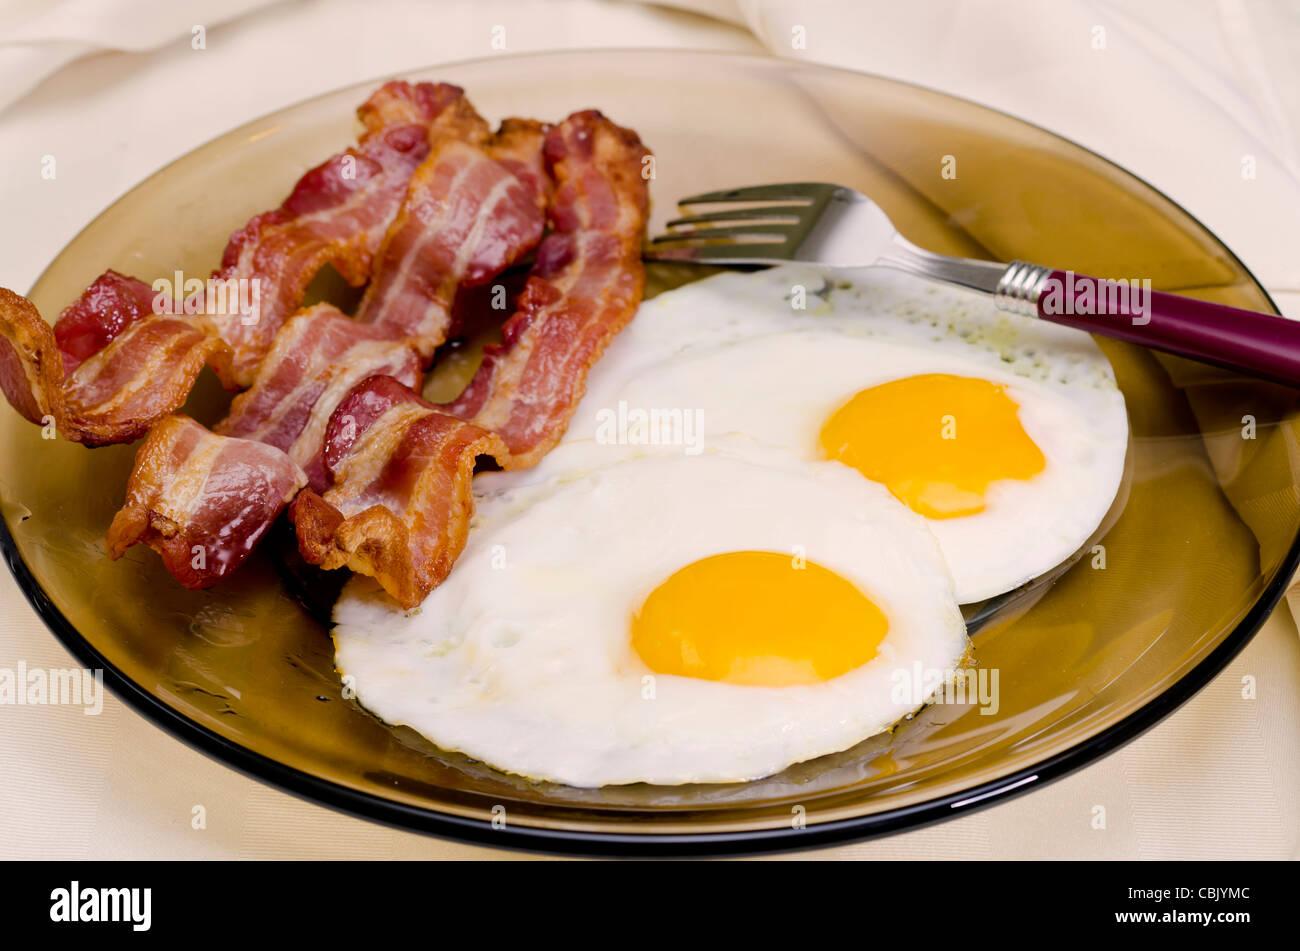 Huevos fritos y bacon. Imagen De Stock